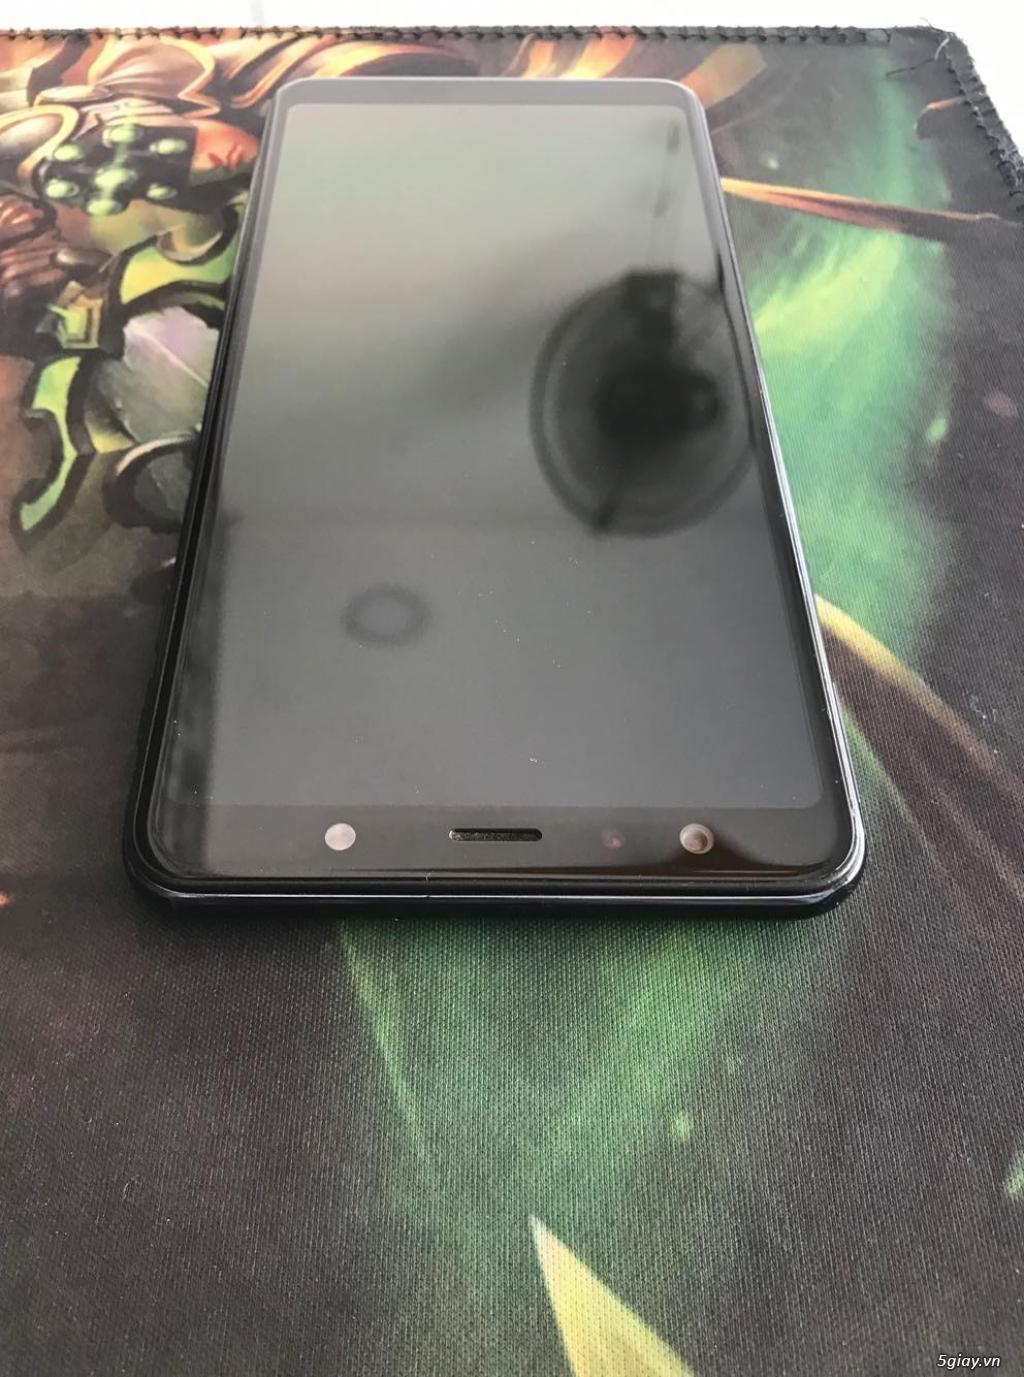 Samsung Galaxy A7 2018 zin còn b.hành TGDD - 3